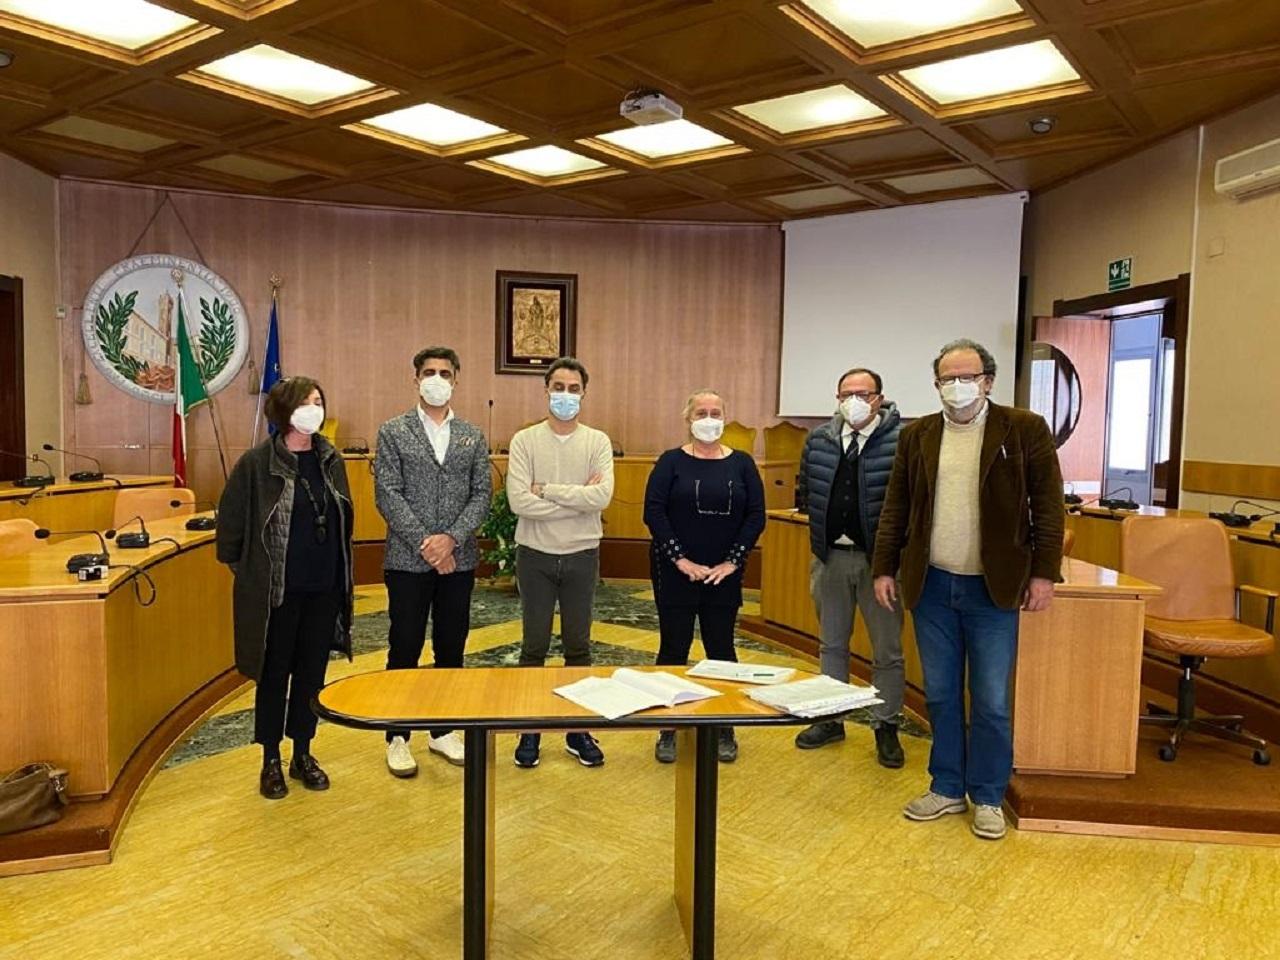 Sindaco e rappresentanti dell'alberghiero con il preside nella sala consiliare del Comune